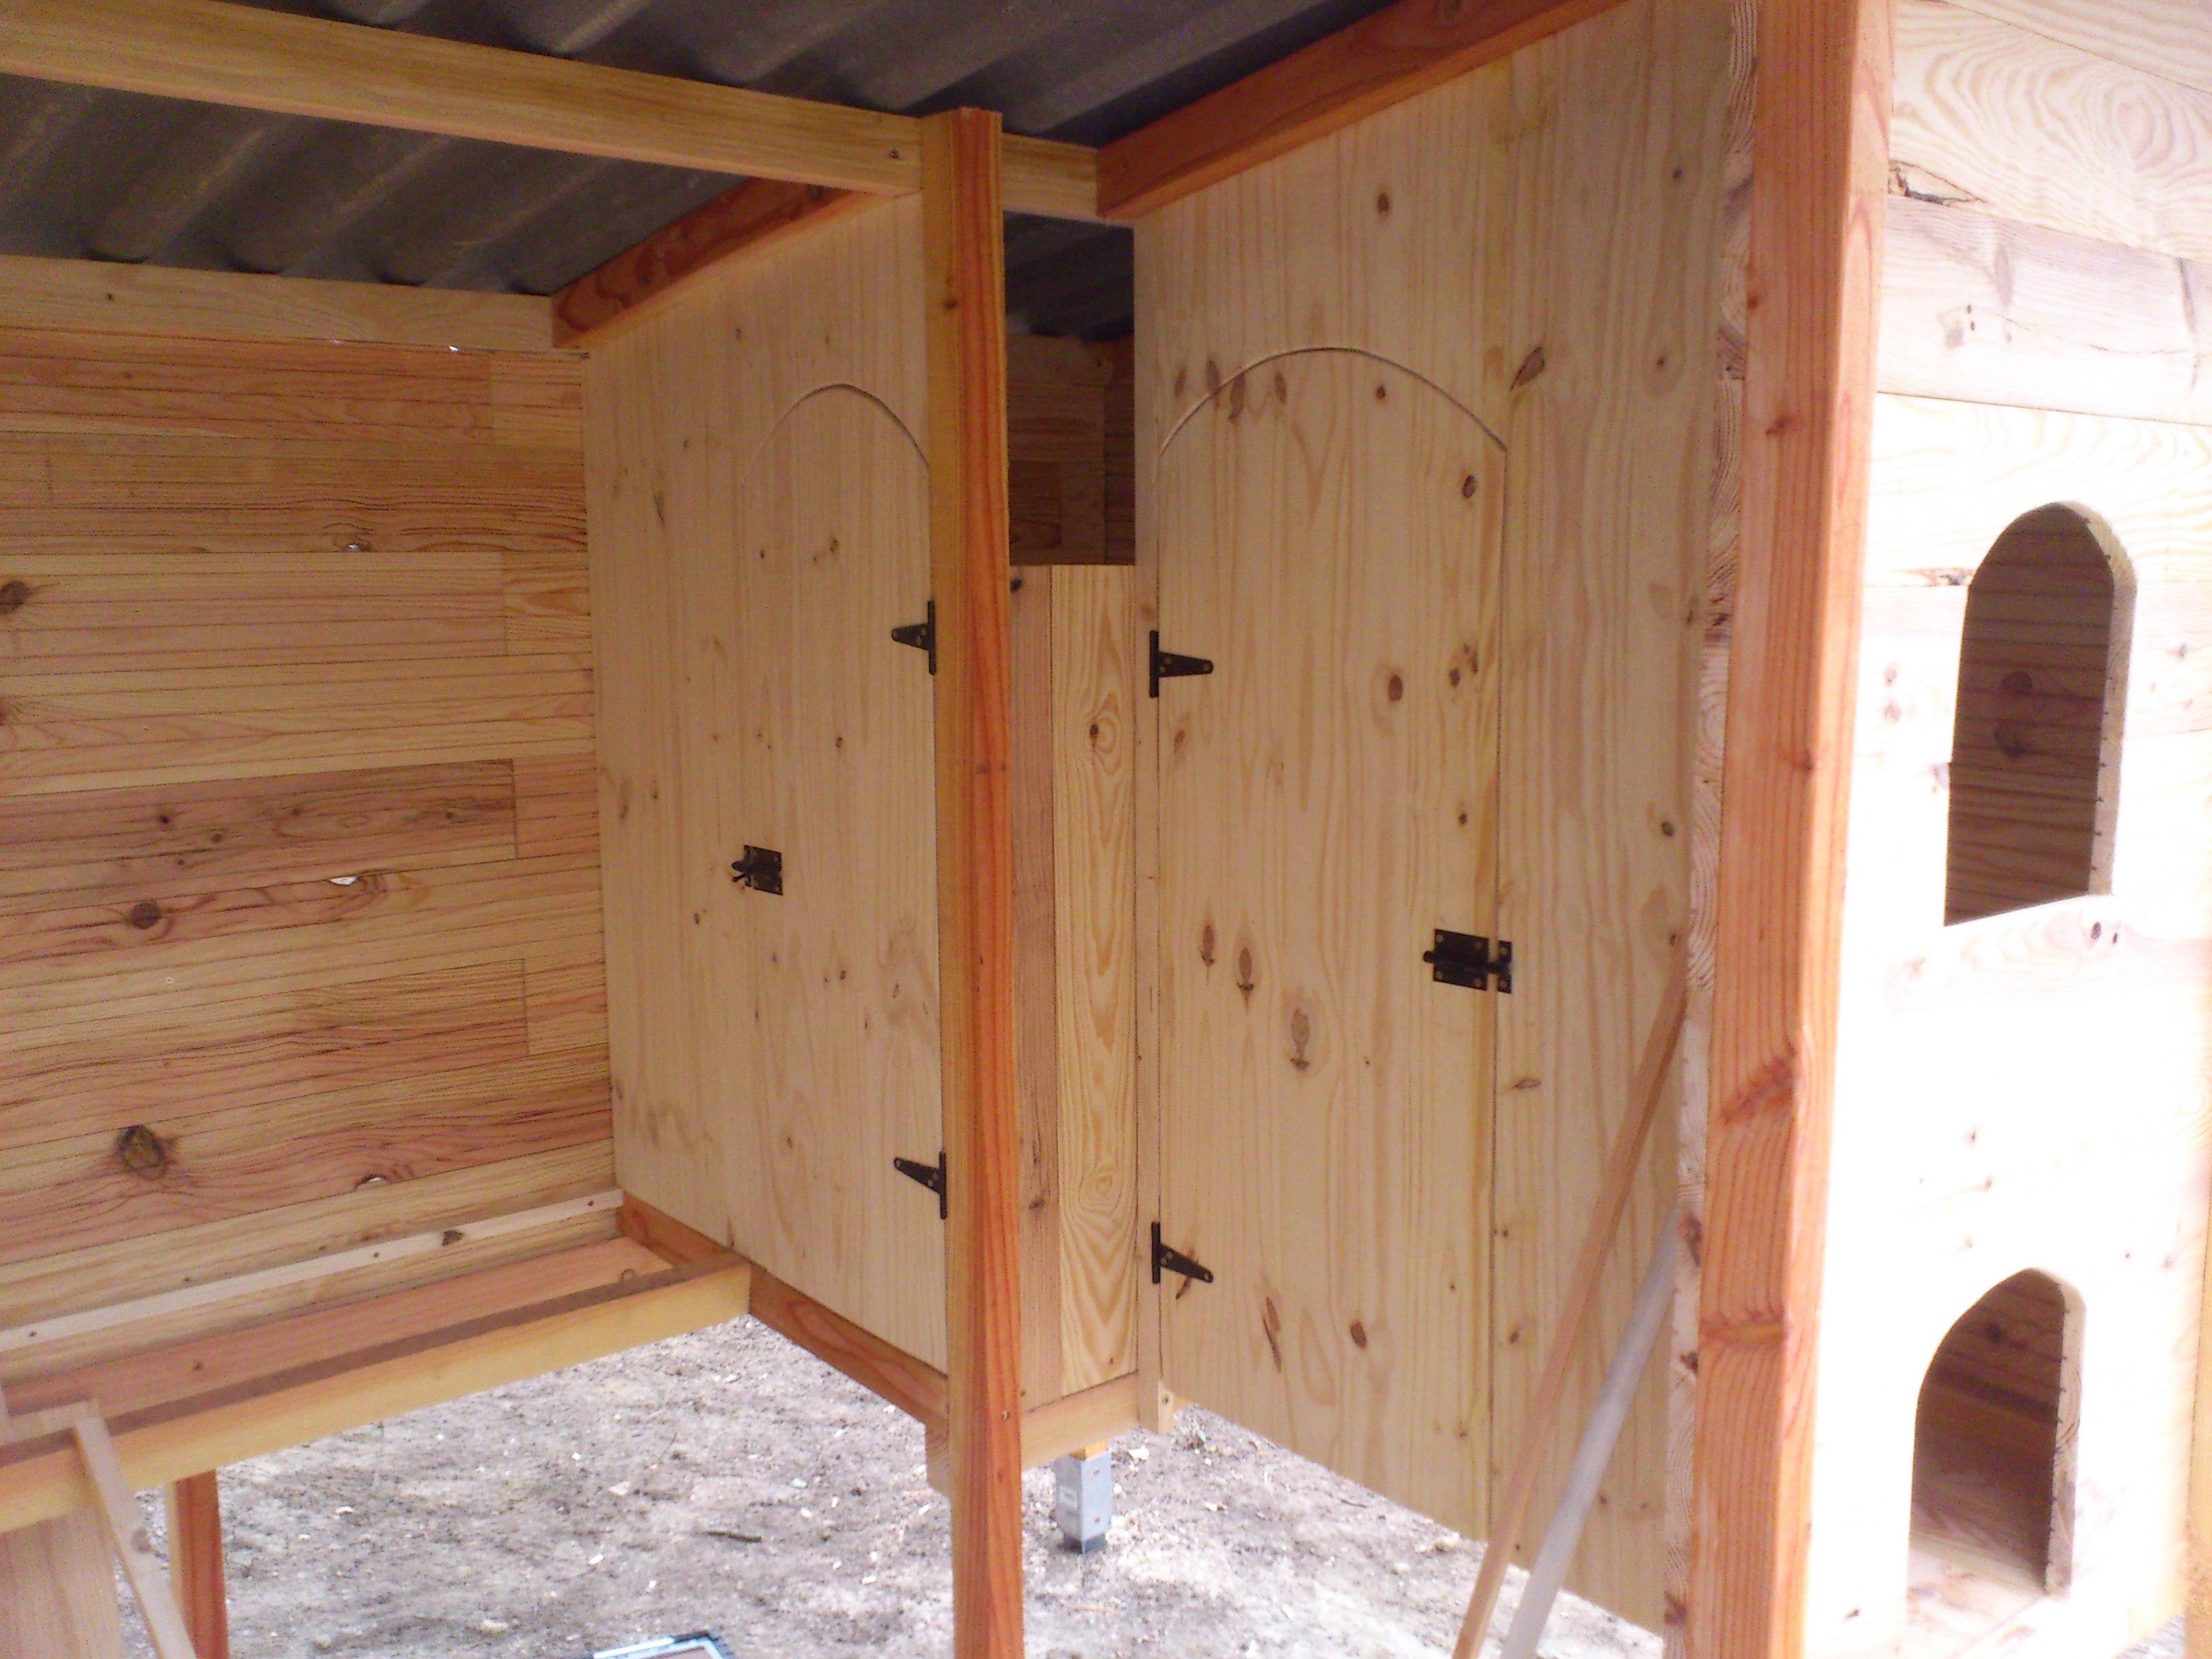 Les portes pour rendre visite aux poules, et récupérer les oeufs.